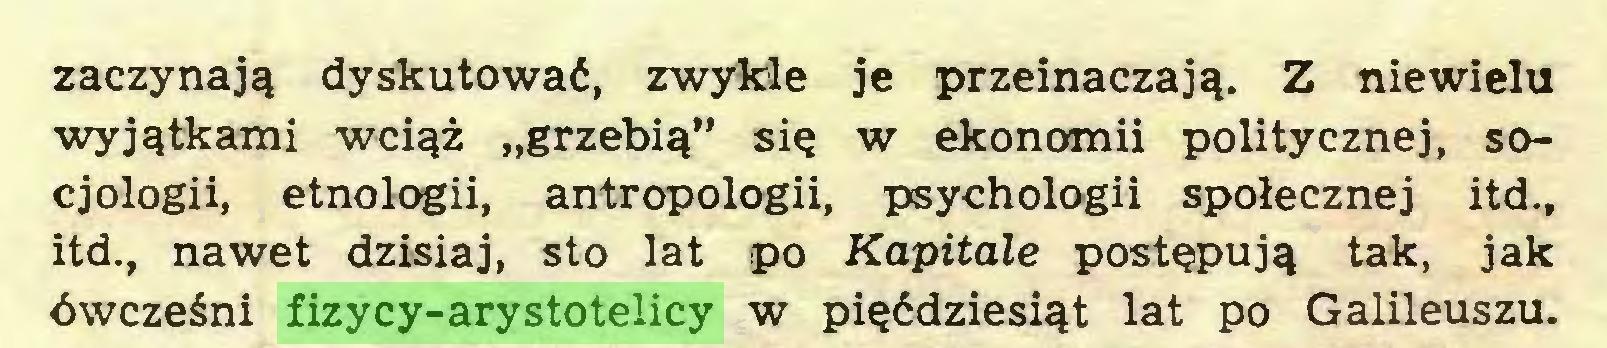 """(...) zaczynajg dyskutowad, zwykle je przeinaczajg. Z niewielu wyjgtkami wcigz """"grzebig"""" sig w ekonamii politycznej, socjologii, etnologii, antropologii, psychologii spolecznej itd., itd., nawet dzisiaj, sto lat po Kapitale postepujg tak, jak öwczeSni fizycy-arystotelicy w pigddziesigt lat po Galileuszu..."""